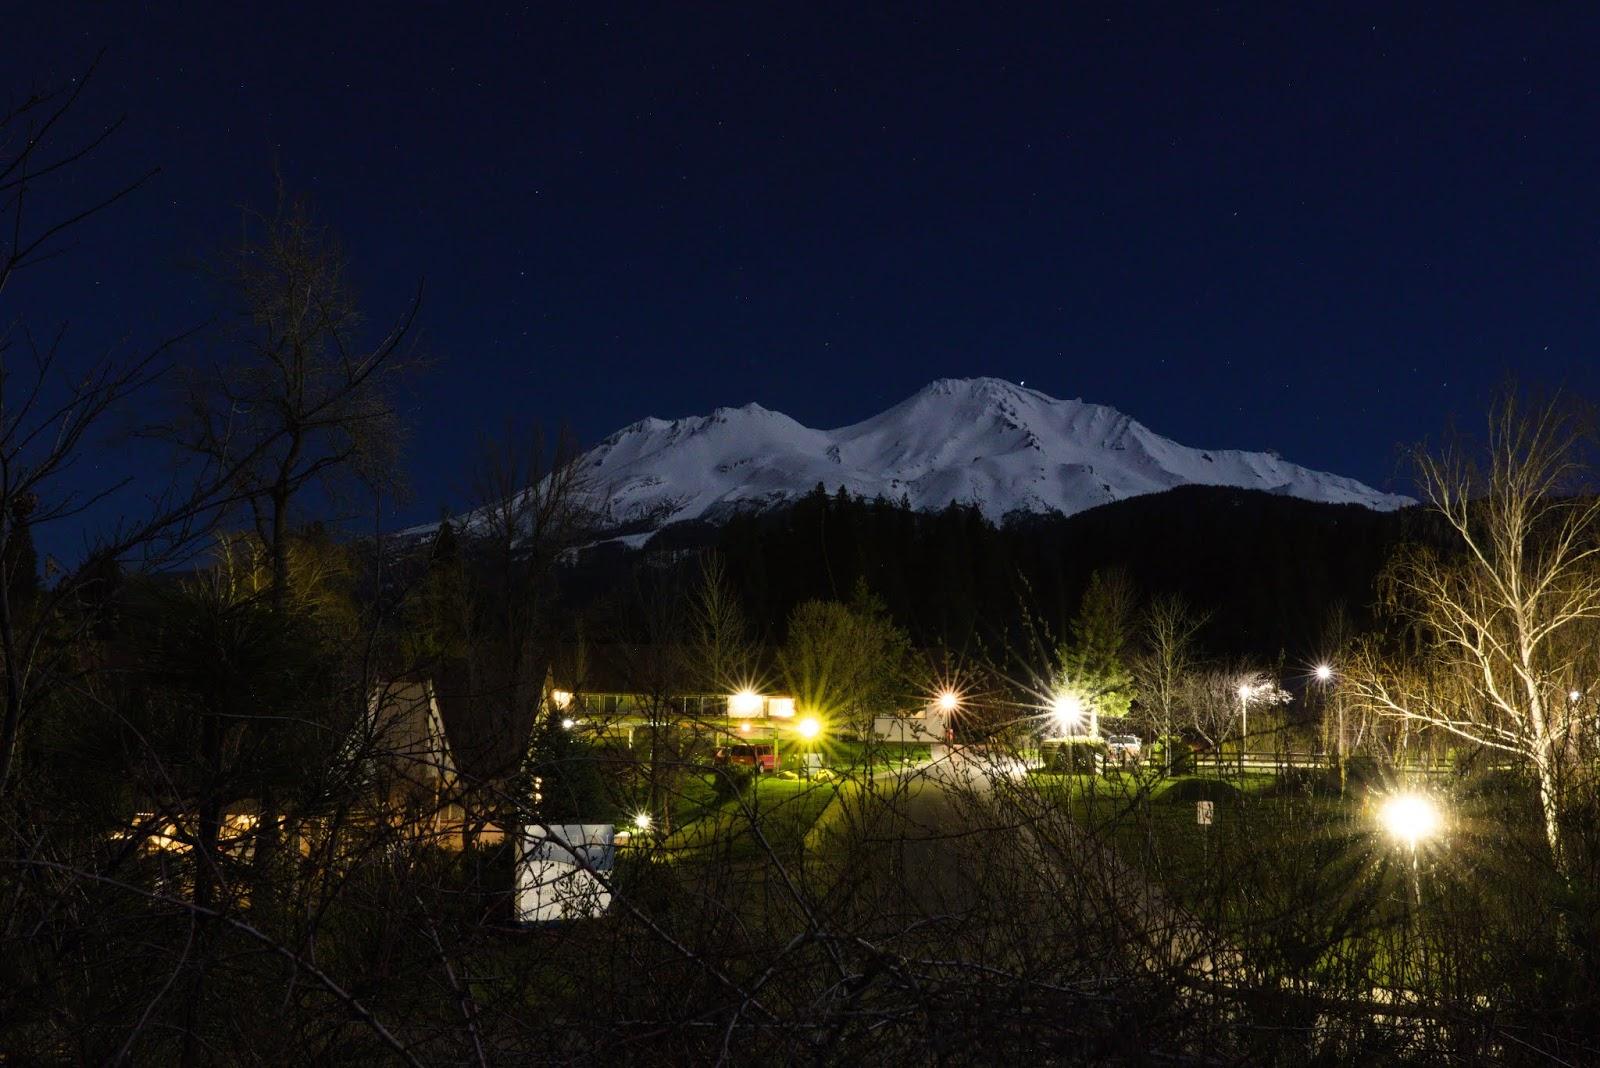 OVNI es fotografiado despegando del Monte Shasta en California